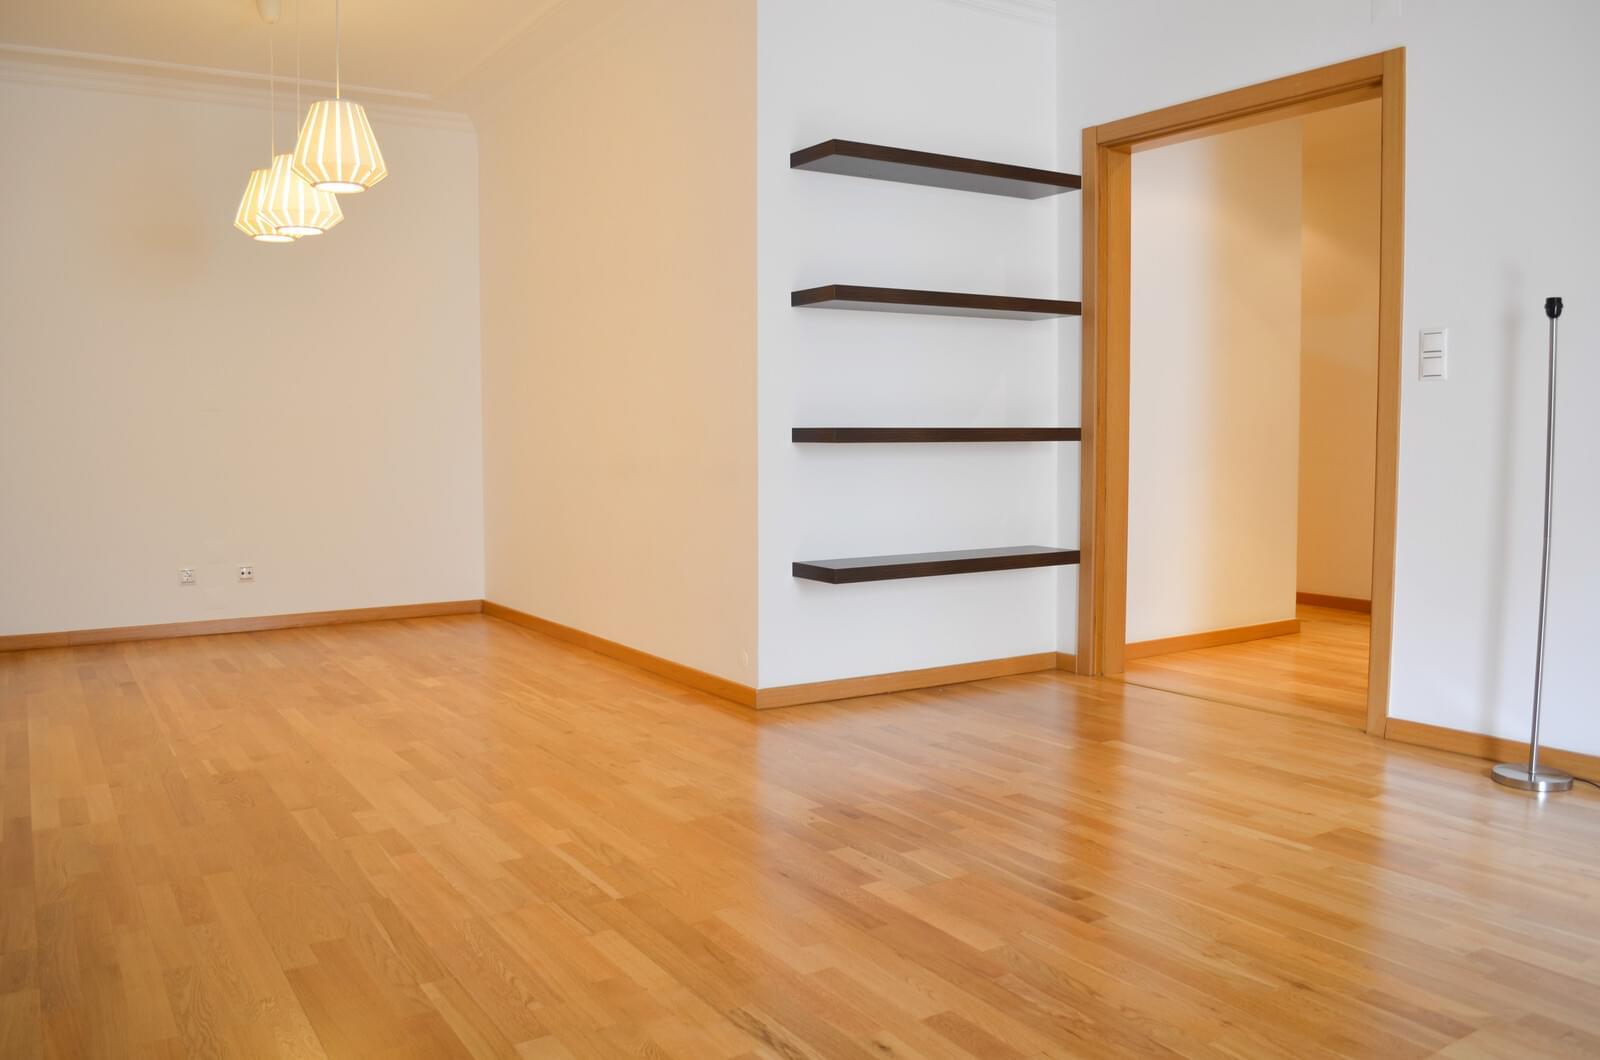 pf18839-apartamento-t2-lisboa-51aca562-f2f3-4cc0-bc20-7ec1ece5ea3c